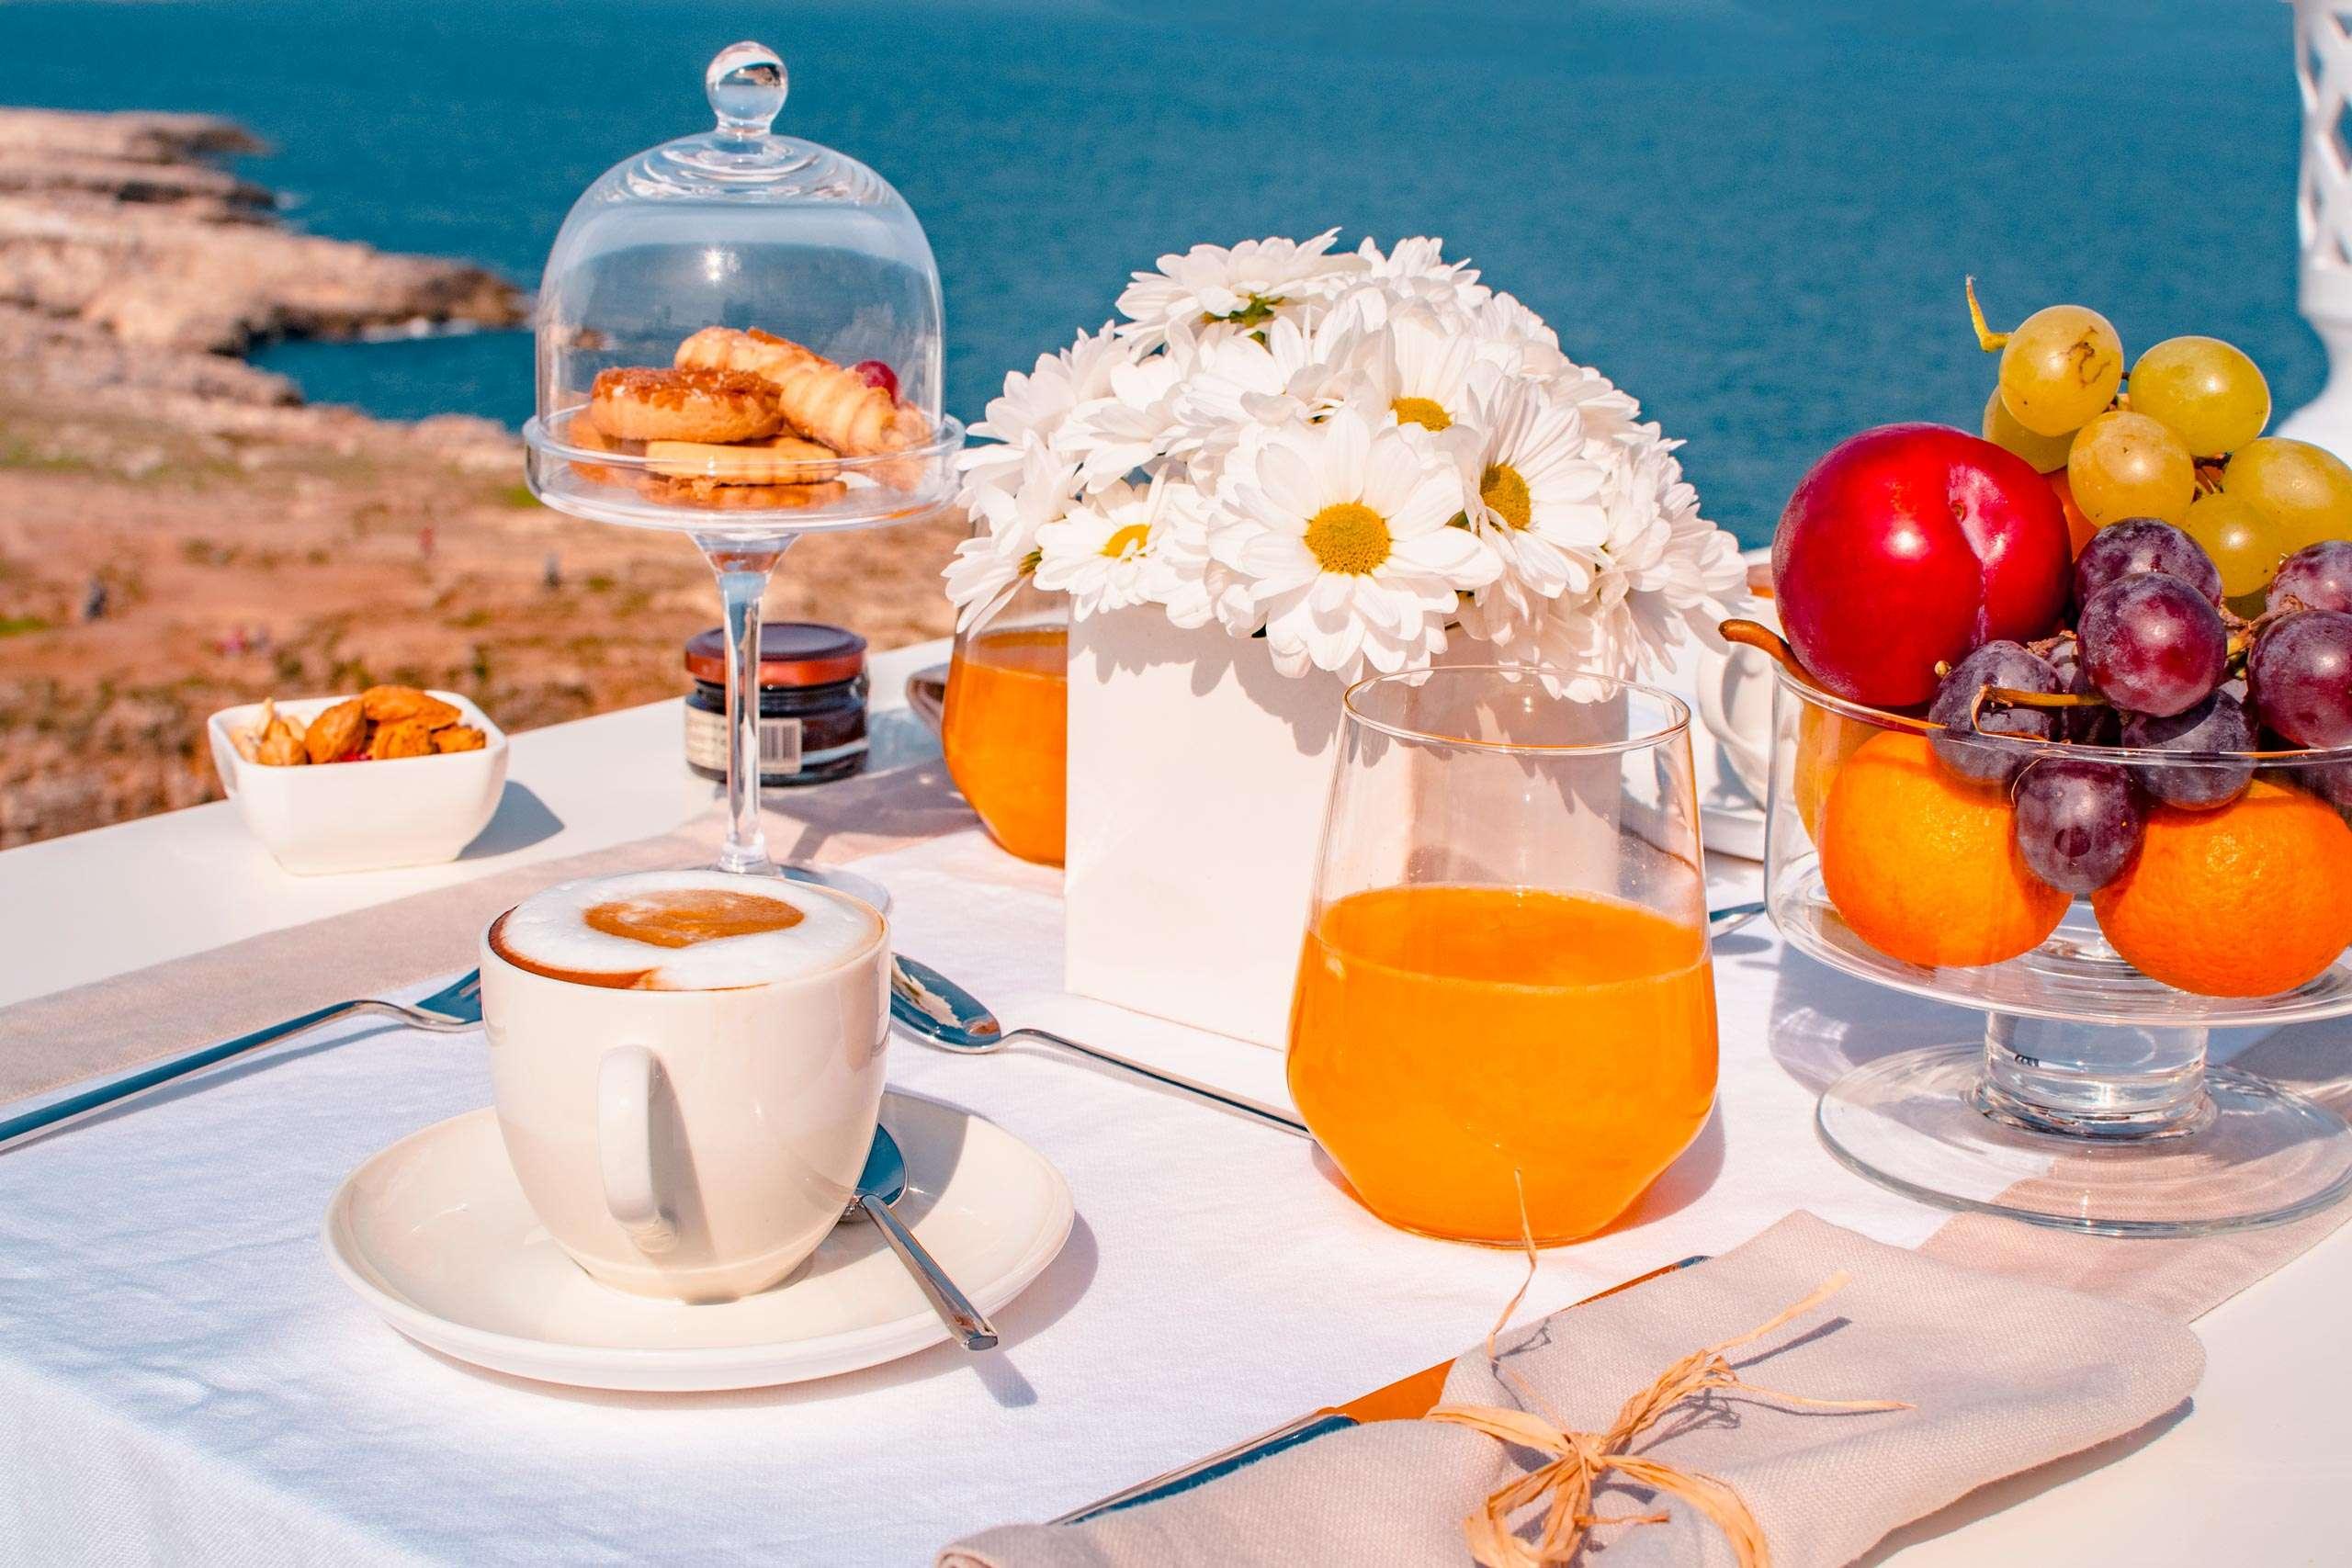 заполните красивый завтрак у моря картинки небо